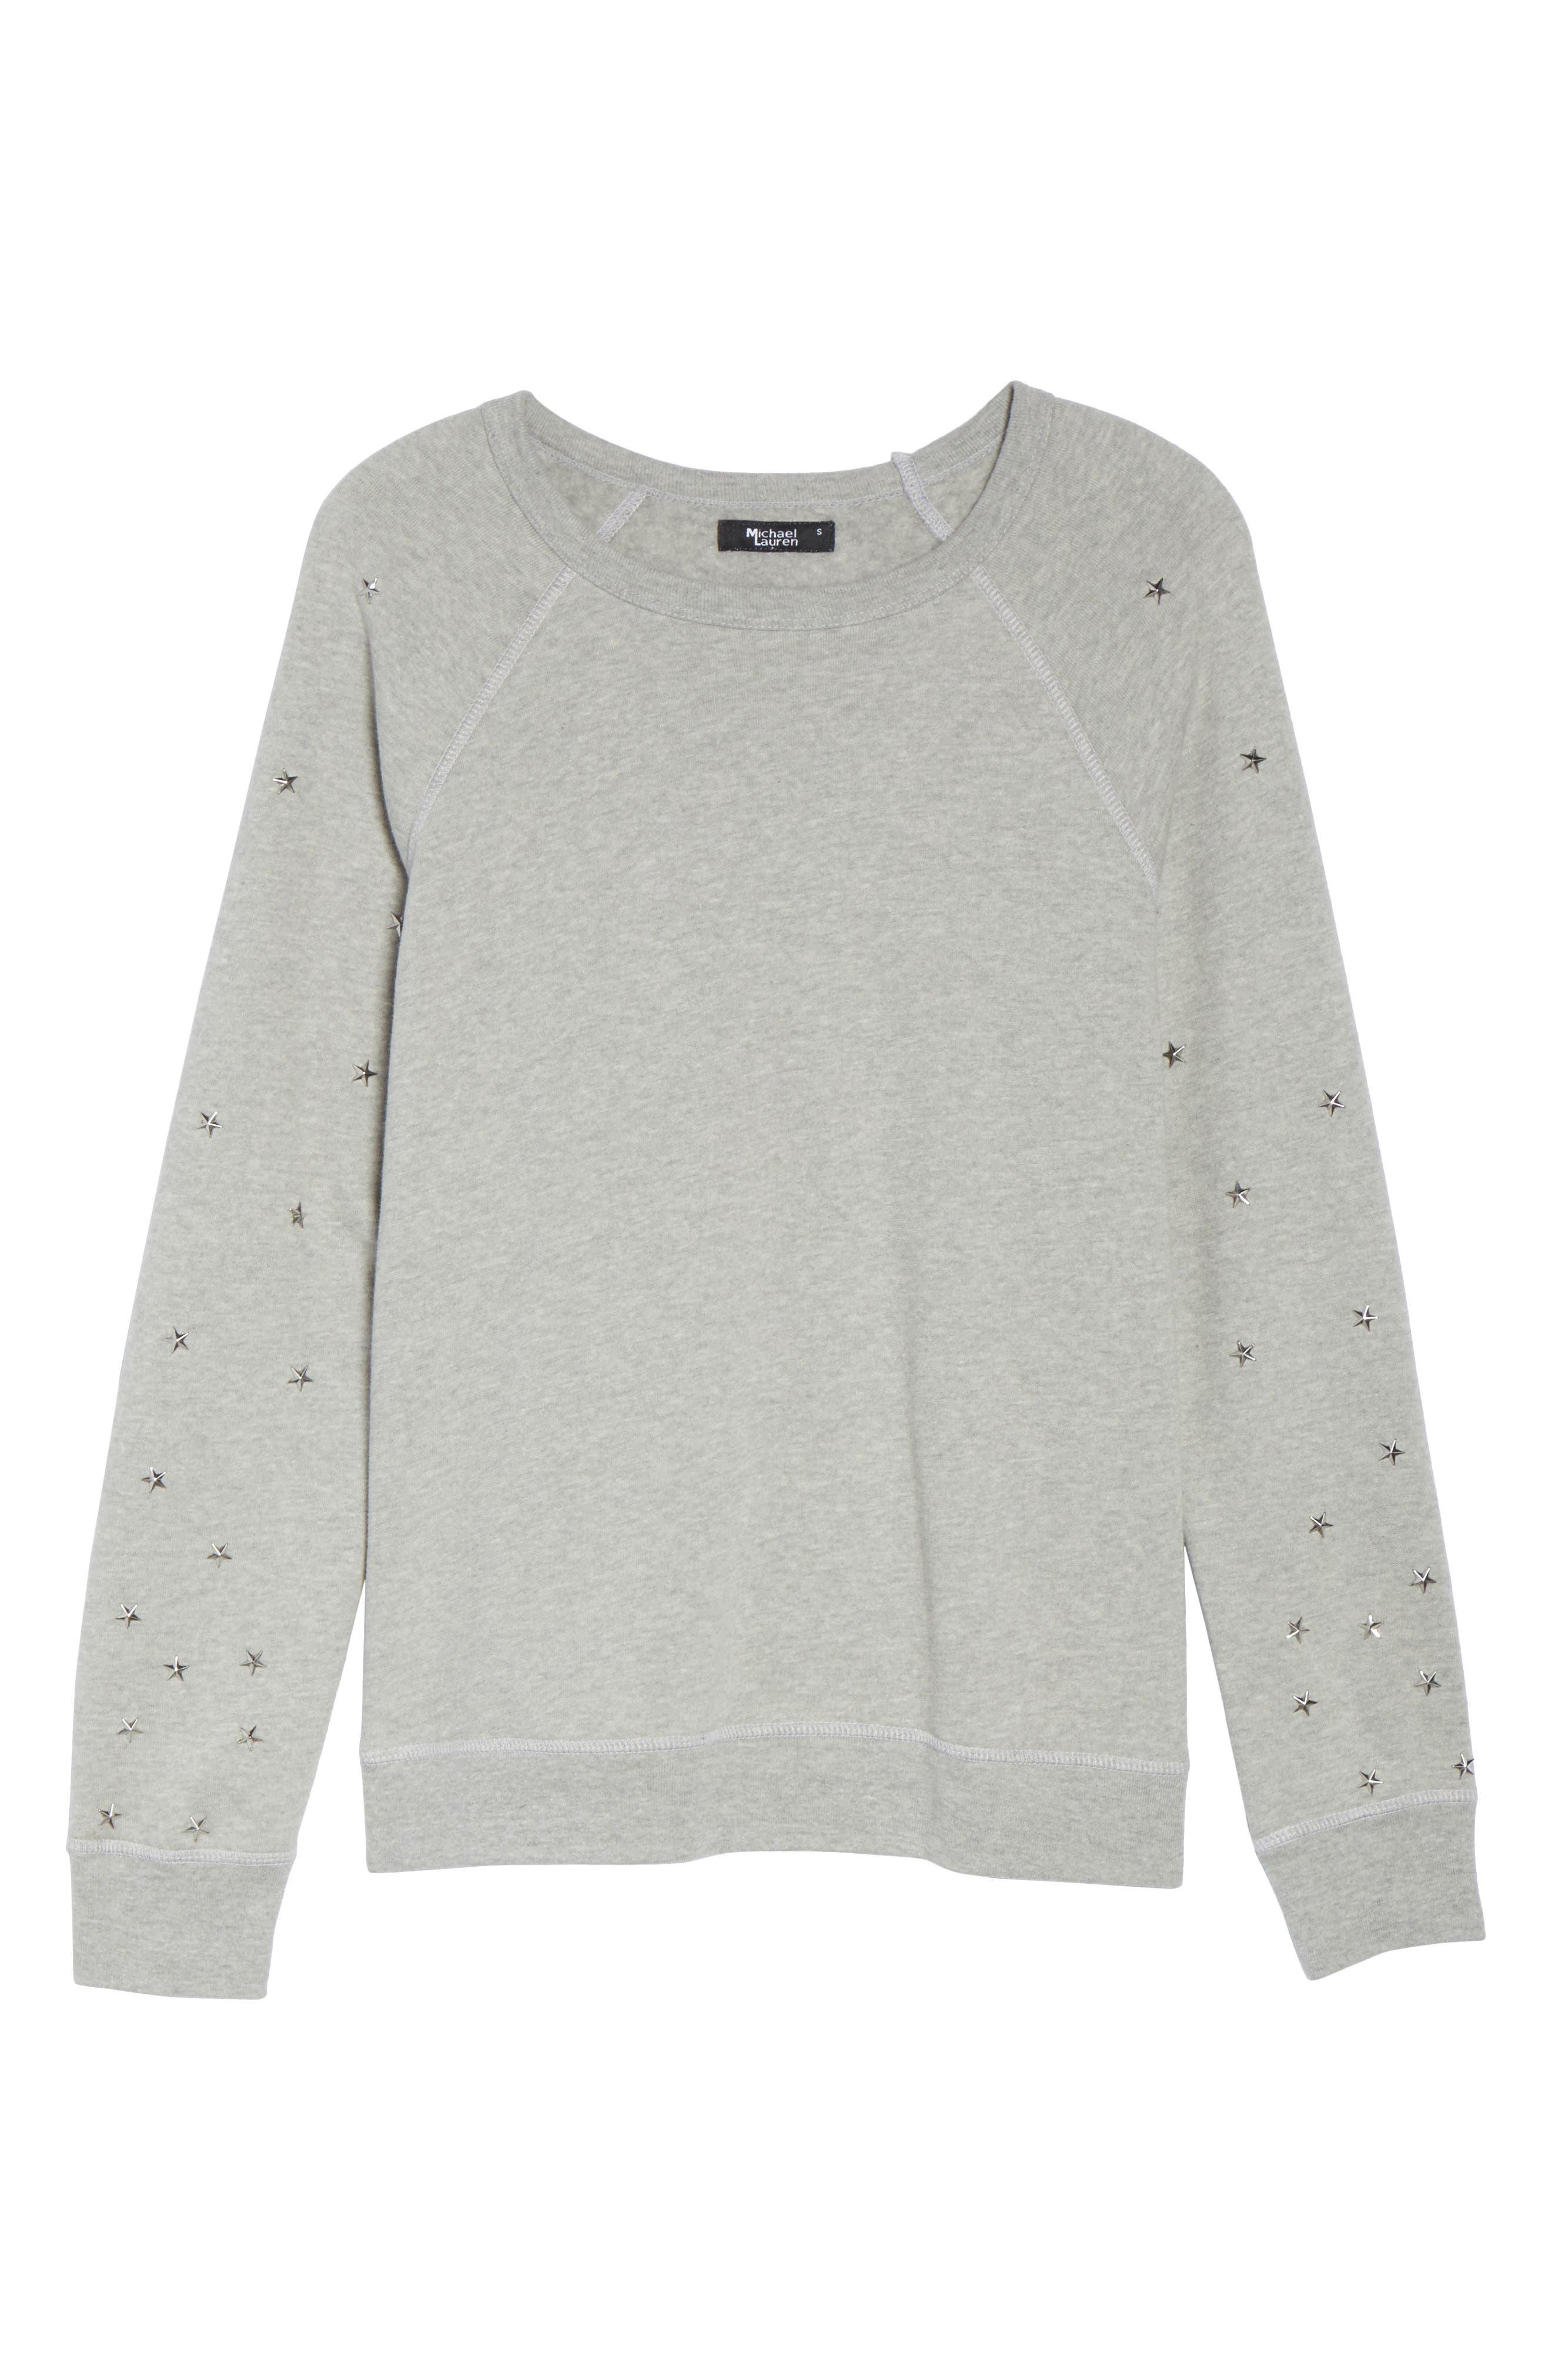 Renzo Vintage Star Stud Sweatshirt,                             Alternate thumbnail 6, color,                             020